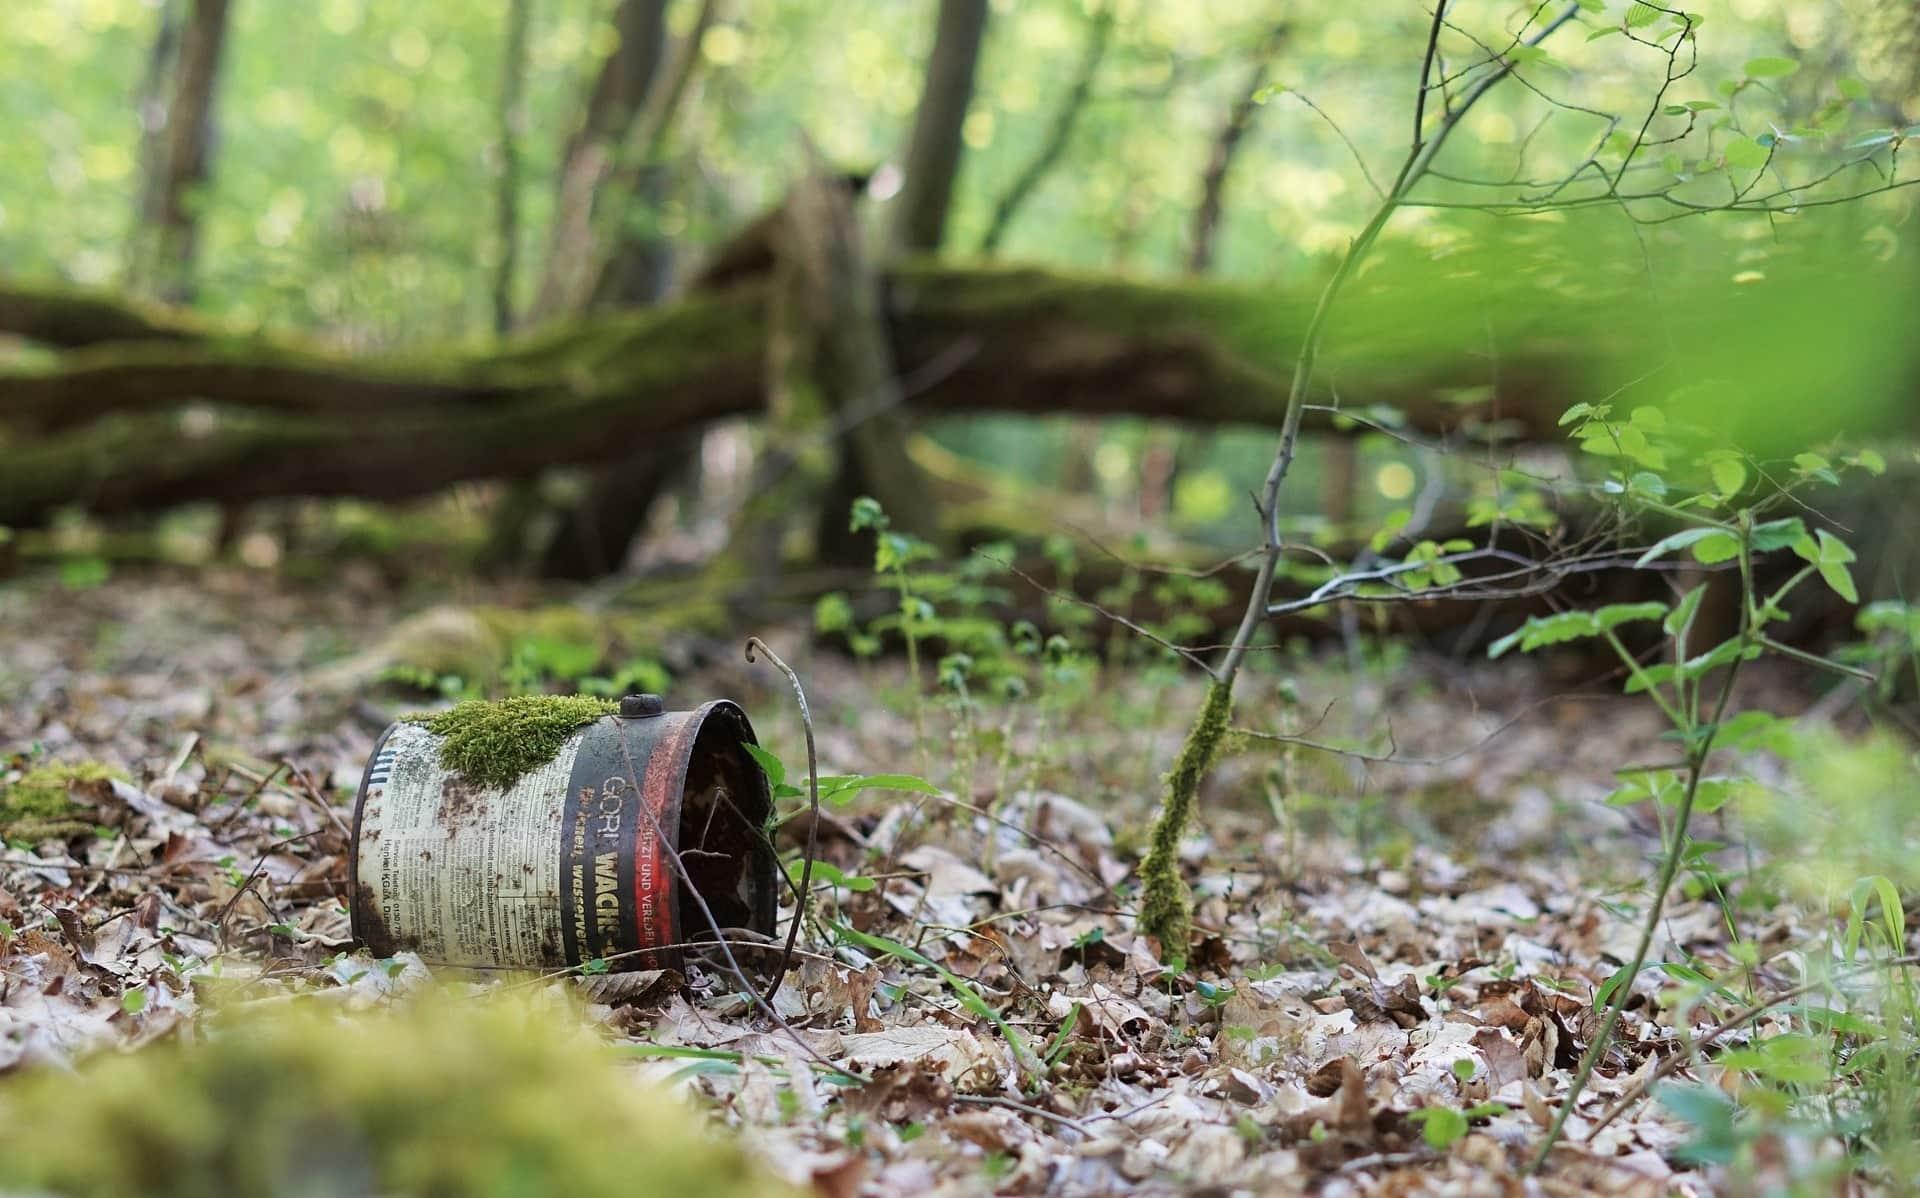 Wenn du dich für Plogging nicht fit genug fühlst, kannst du natürlich auch beim Spaziergang Müll aufsammeln. Oder Plalken – walken und Müll sammeln eben.